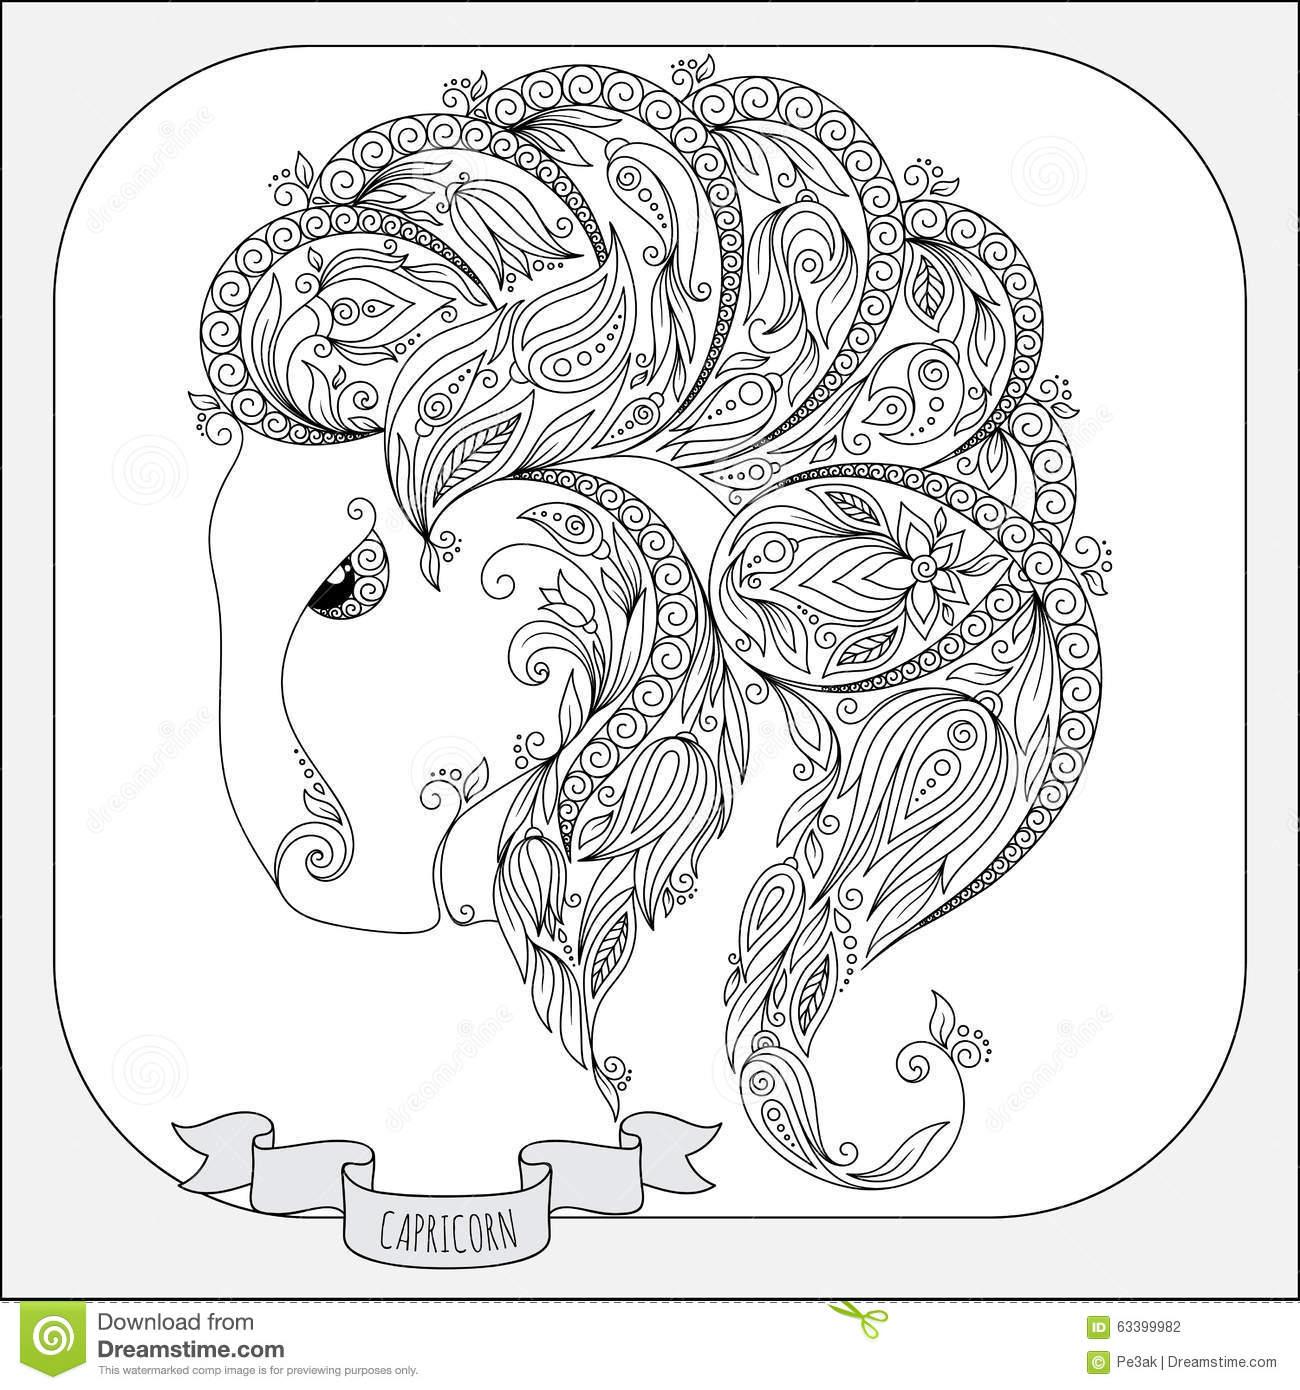 Sagittarius (Astrology) coloring #17, Download drawings